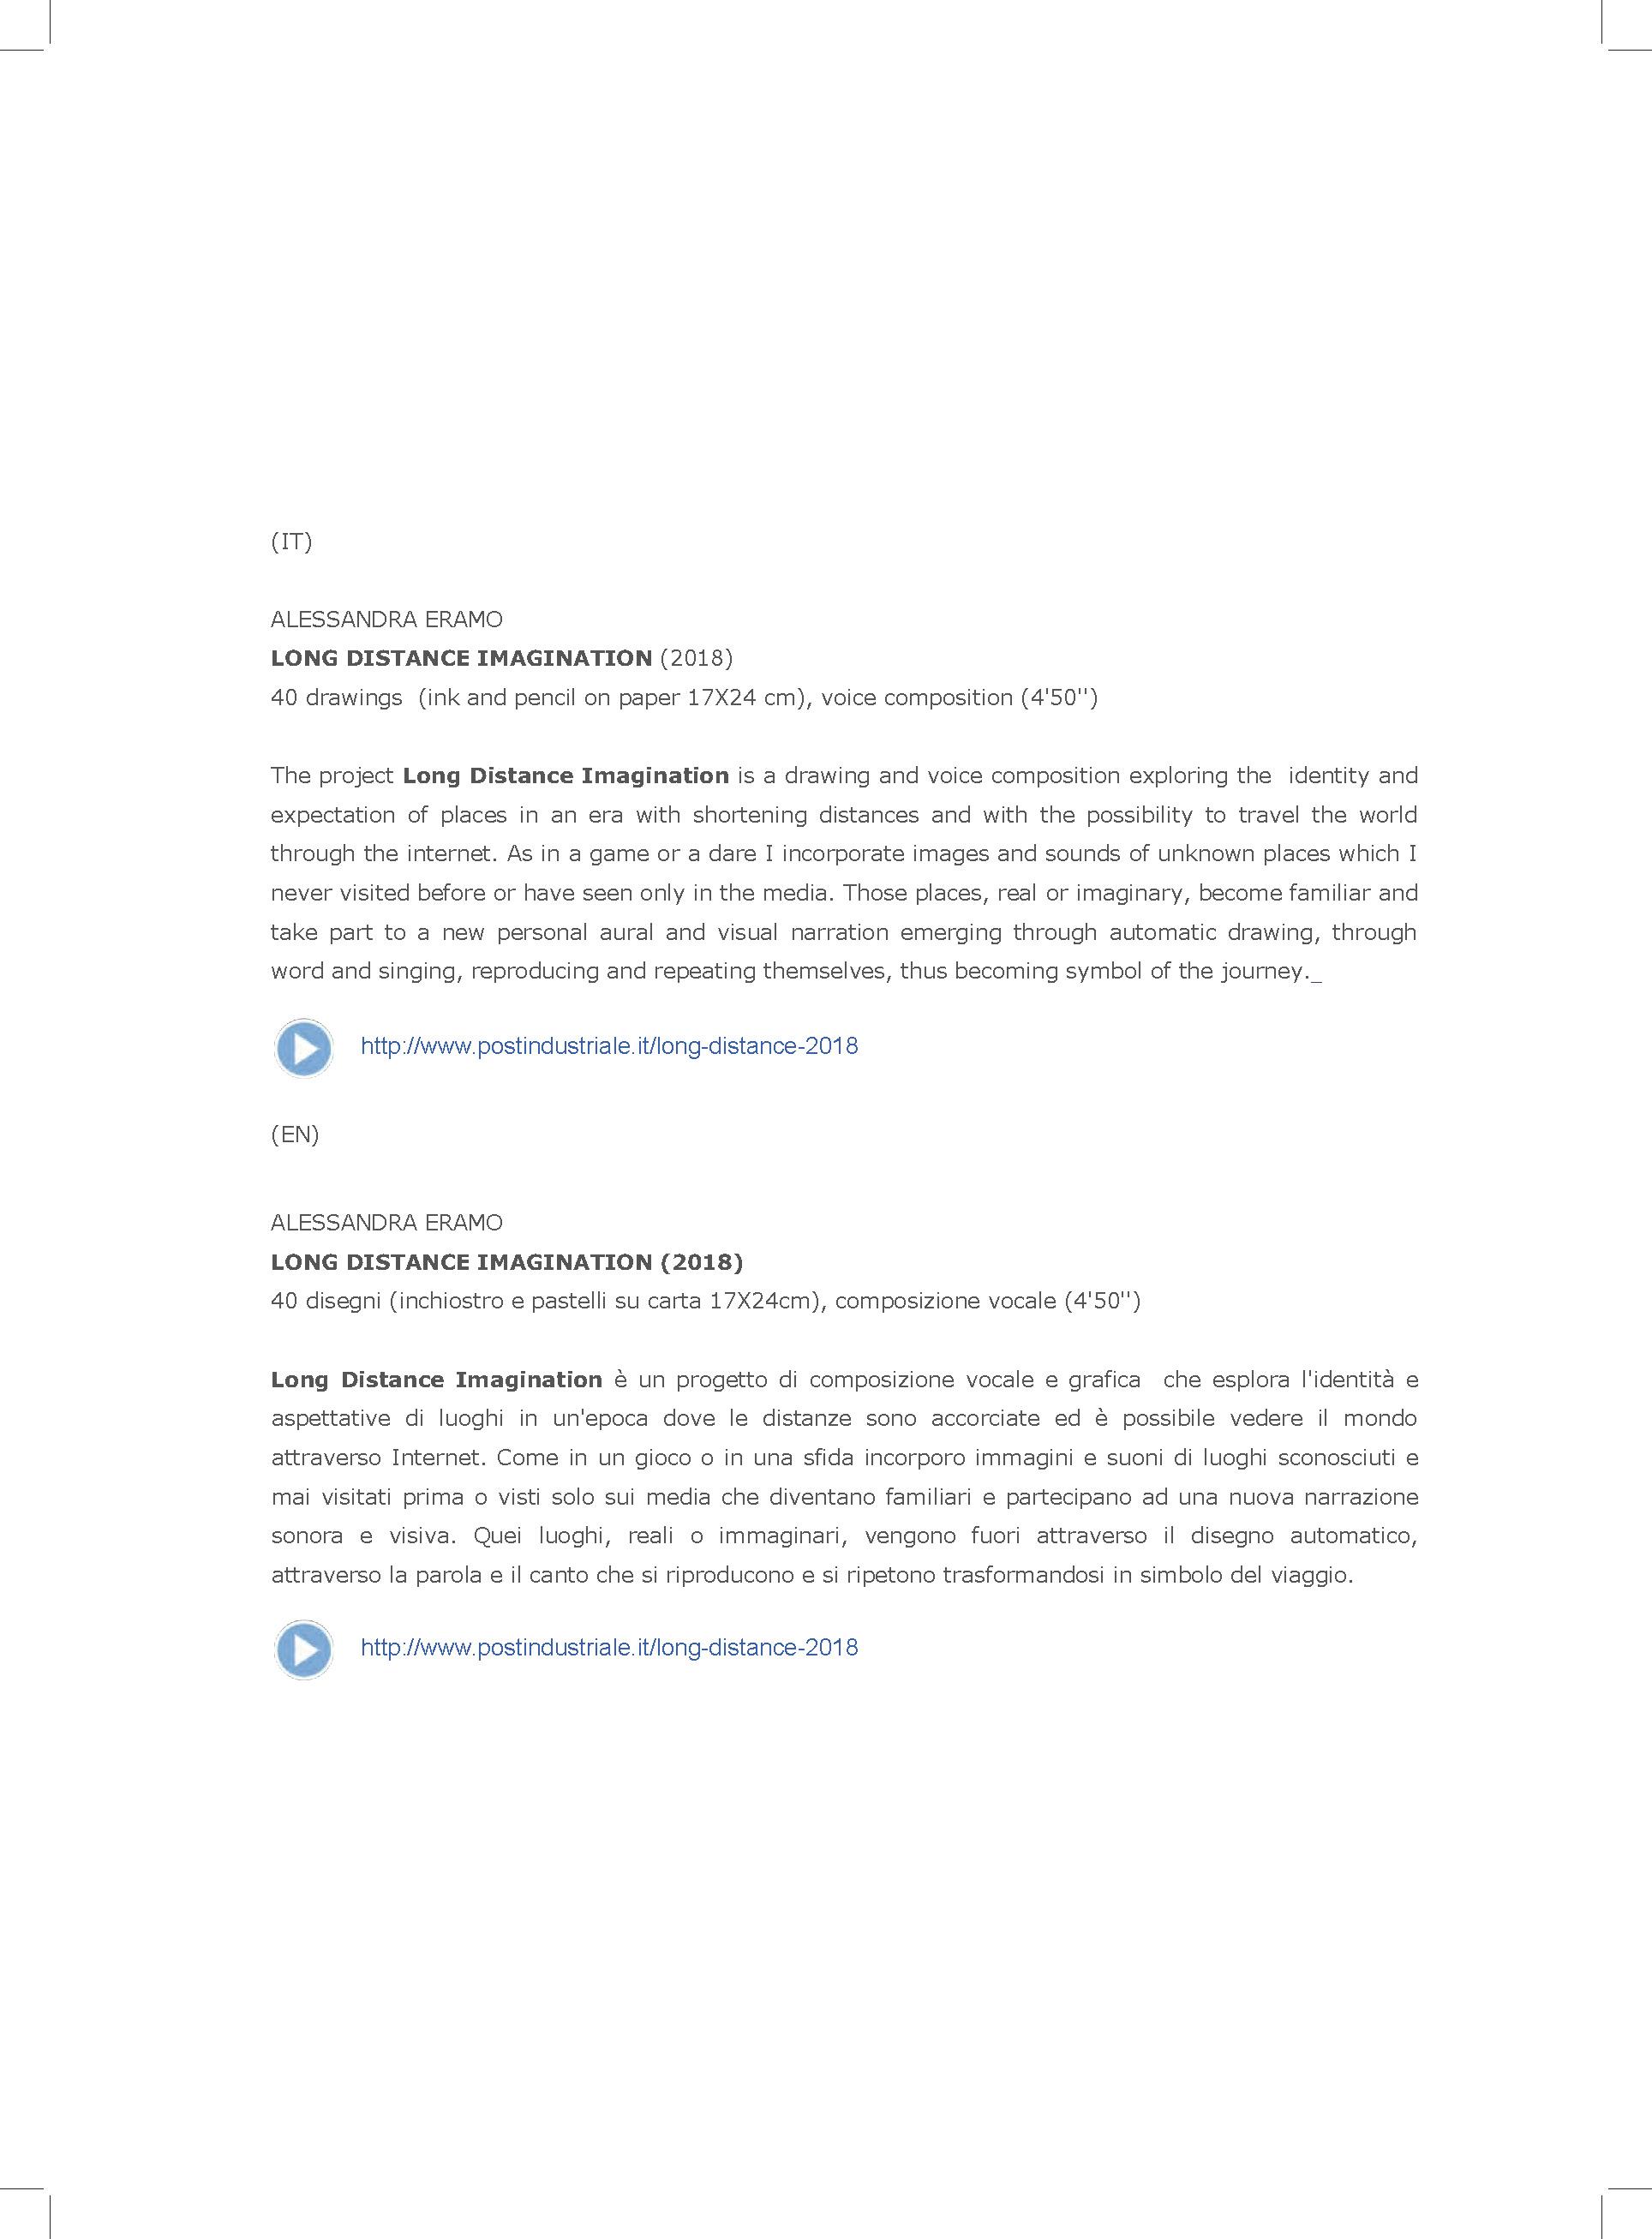 6decl-quaderno-con-segno-taglio_Pagina_18